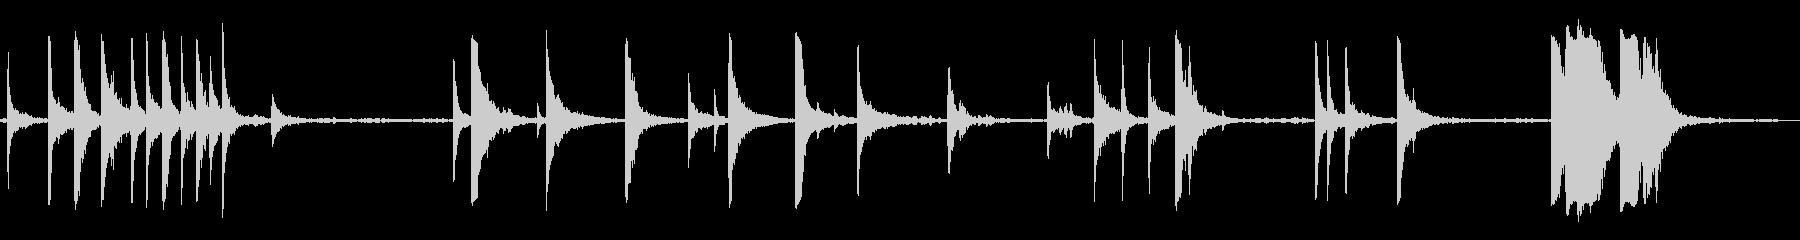 金属打楽器のヒットの未再生の波形